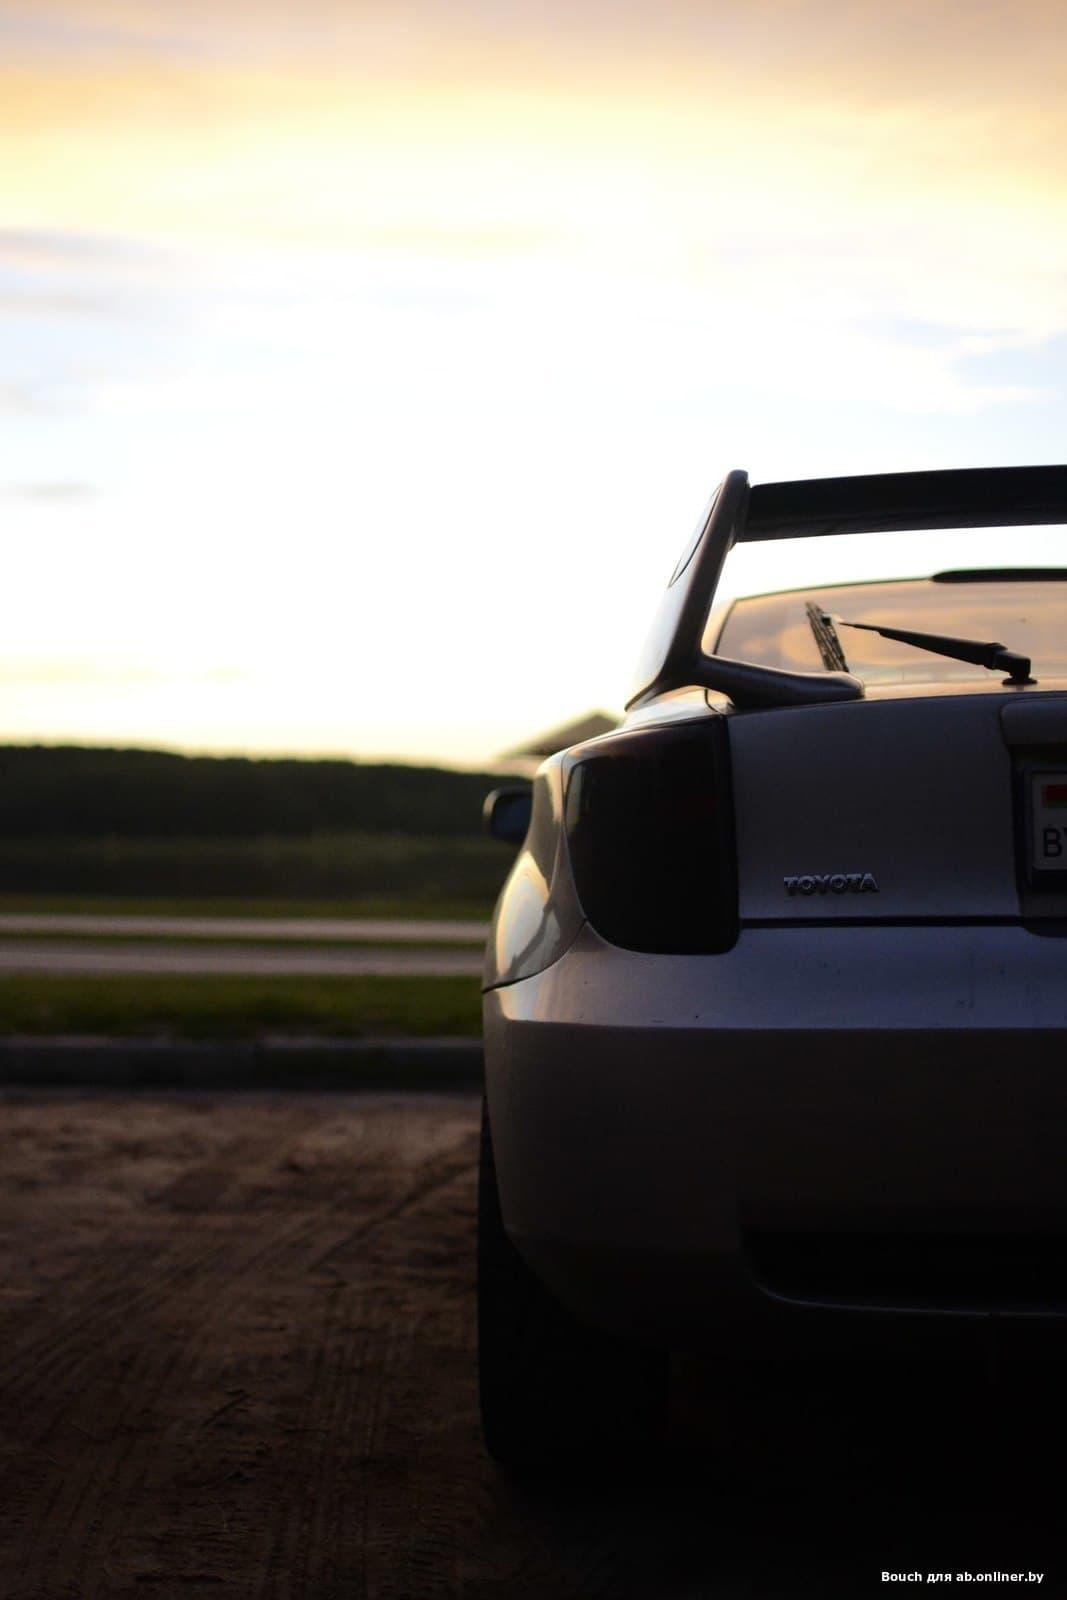 Toyota Celica GT-S